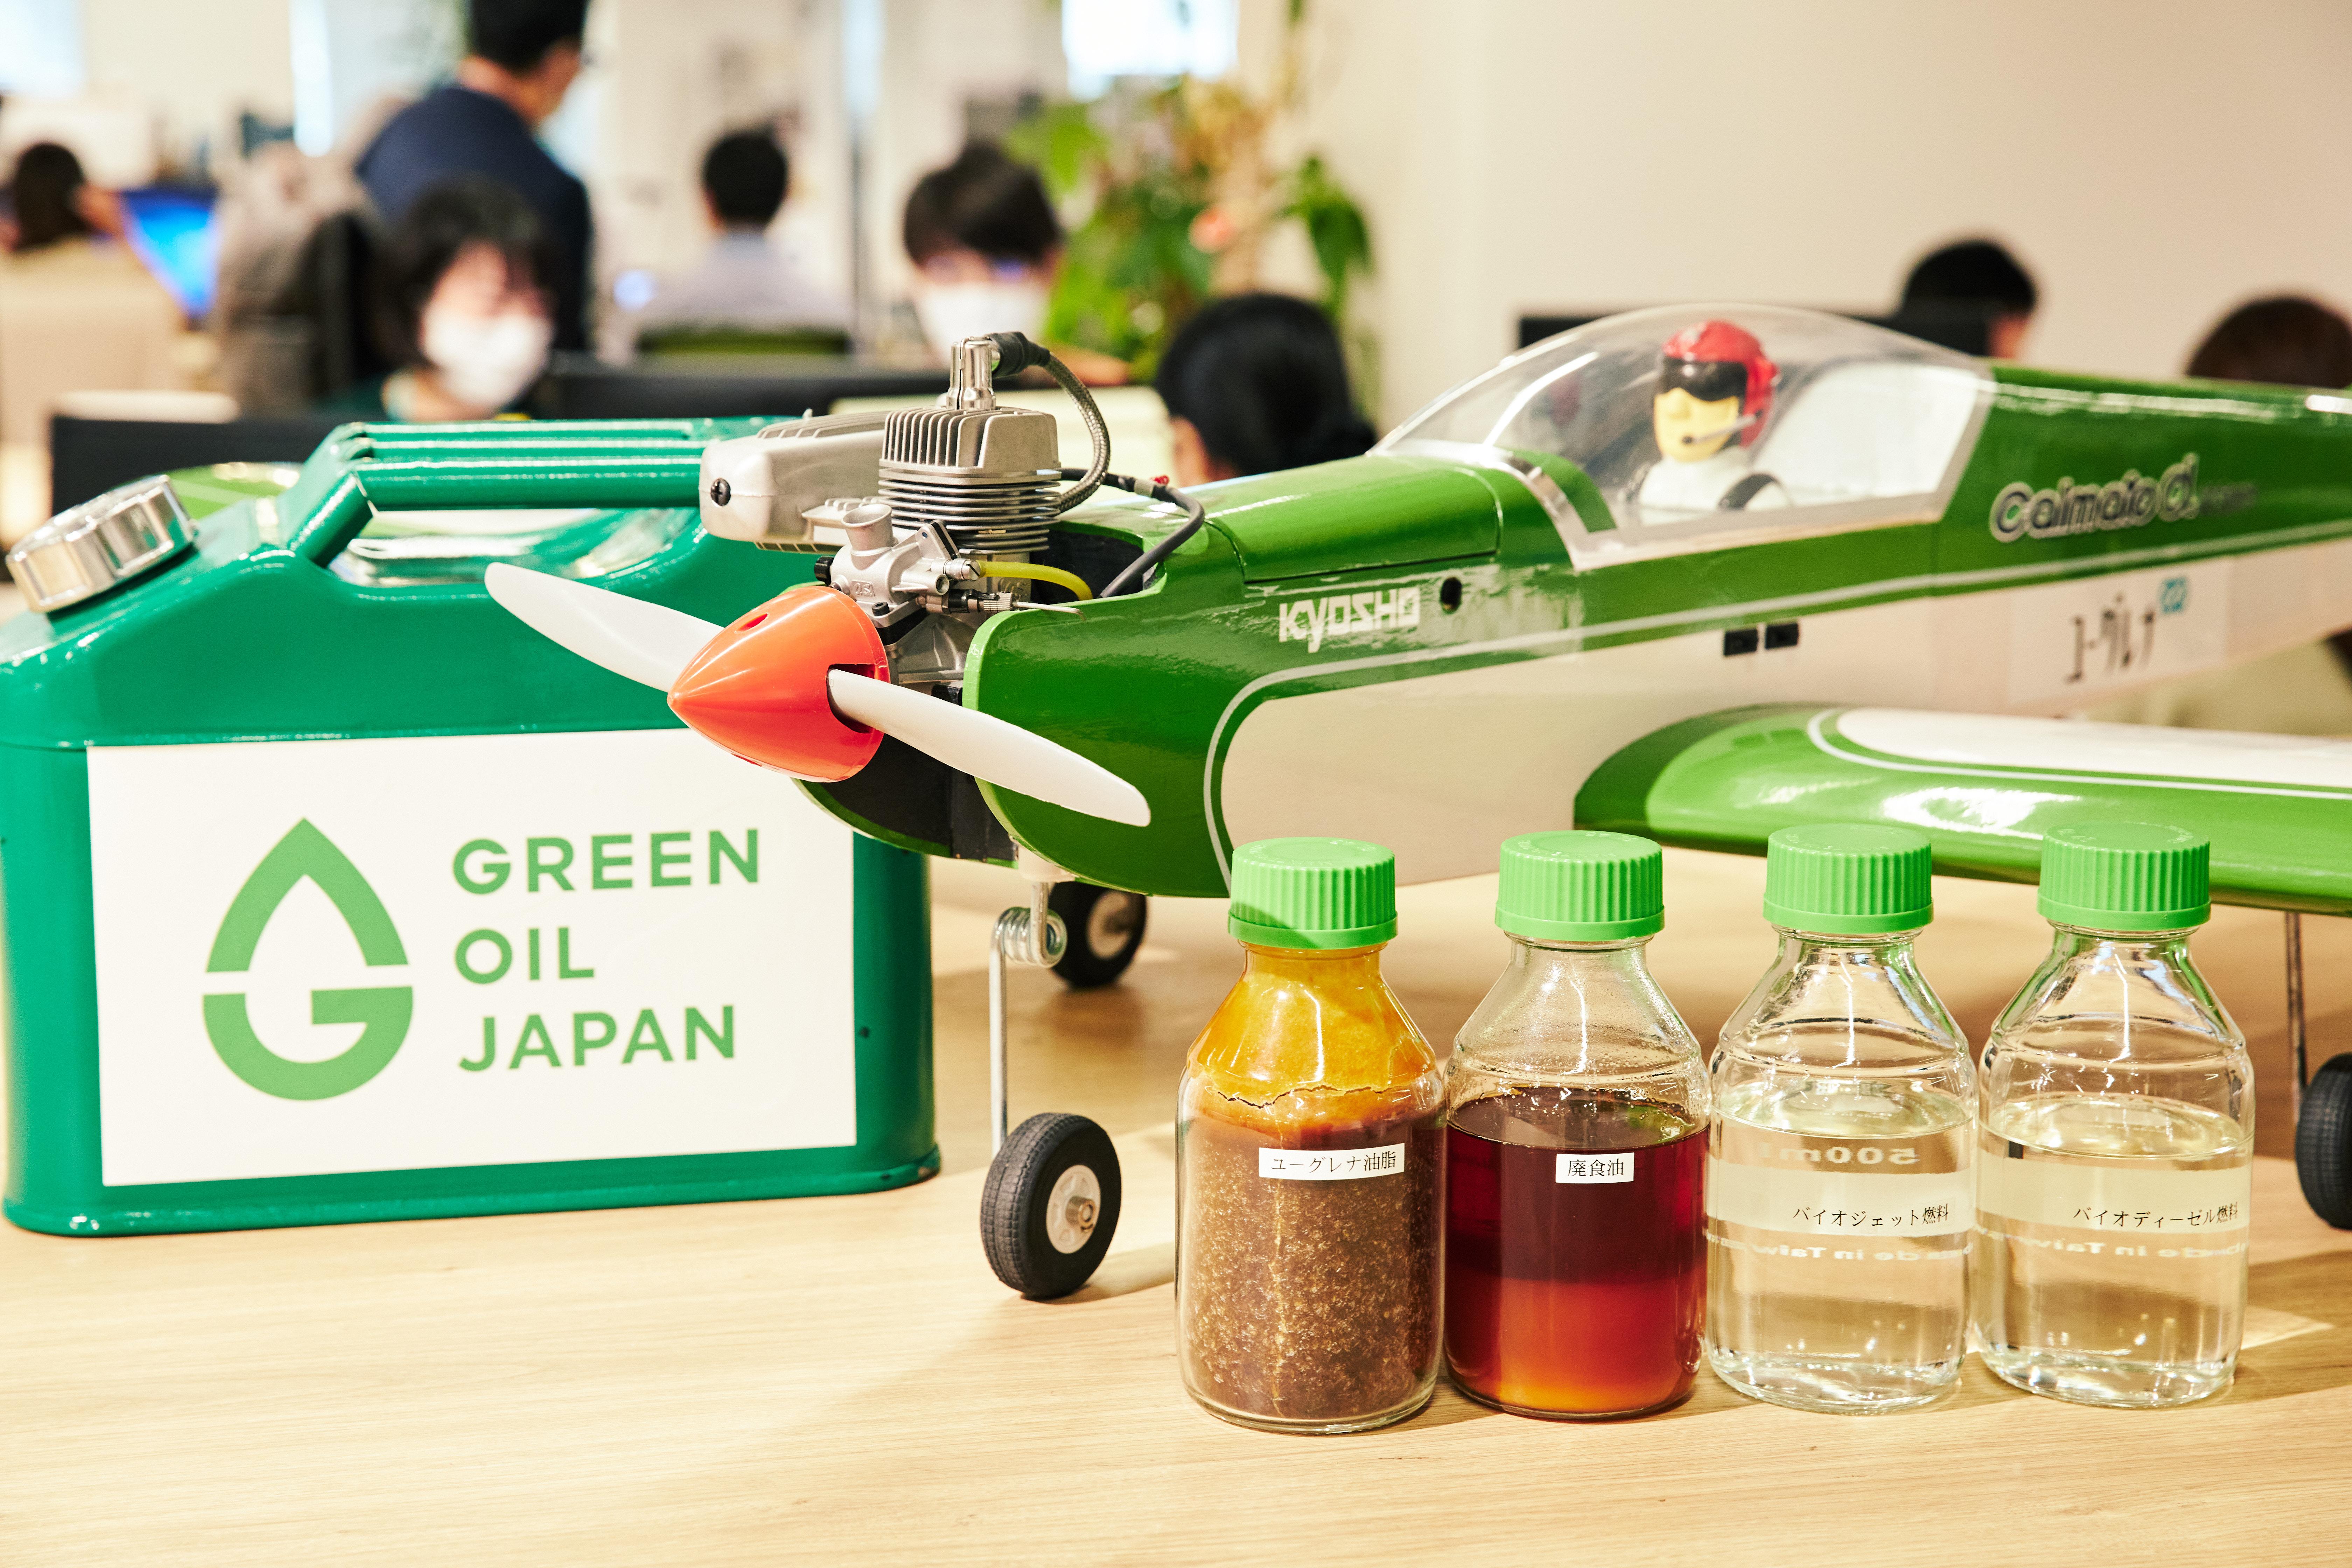 ミドリムシで飛行機が飛ぶ?! 日本のバイオベンチャーが目指す「サステナブルが普通である社会」